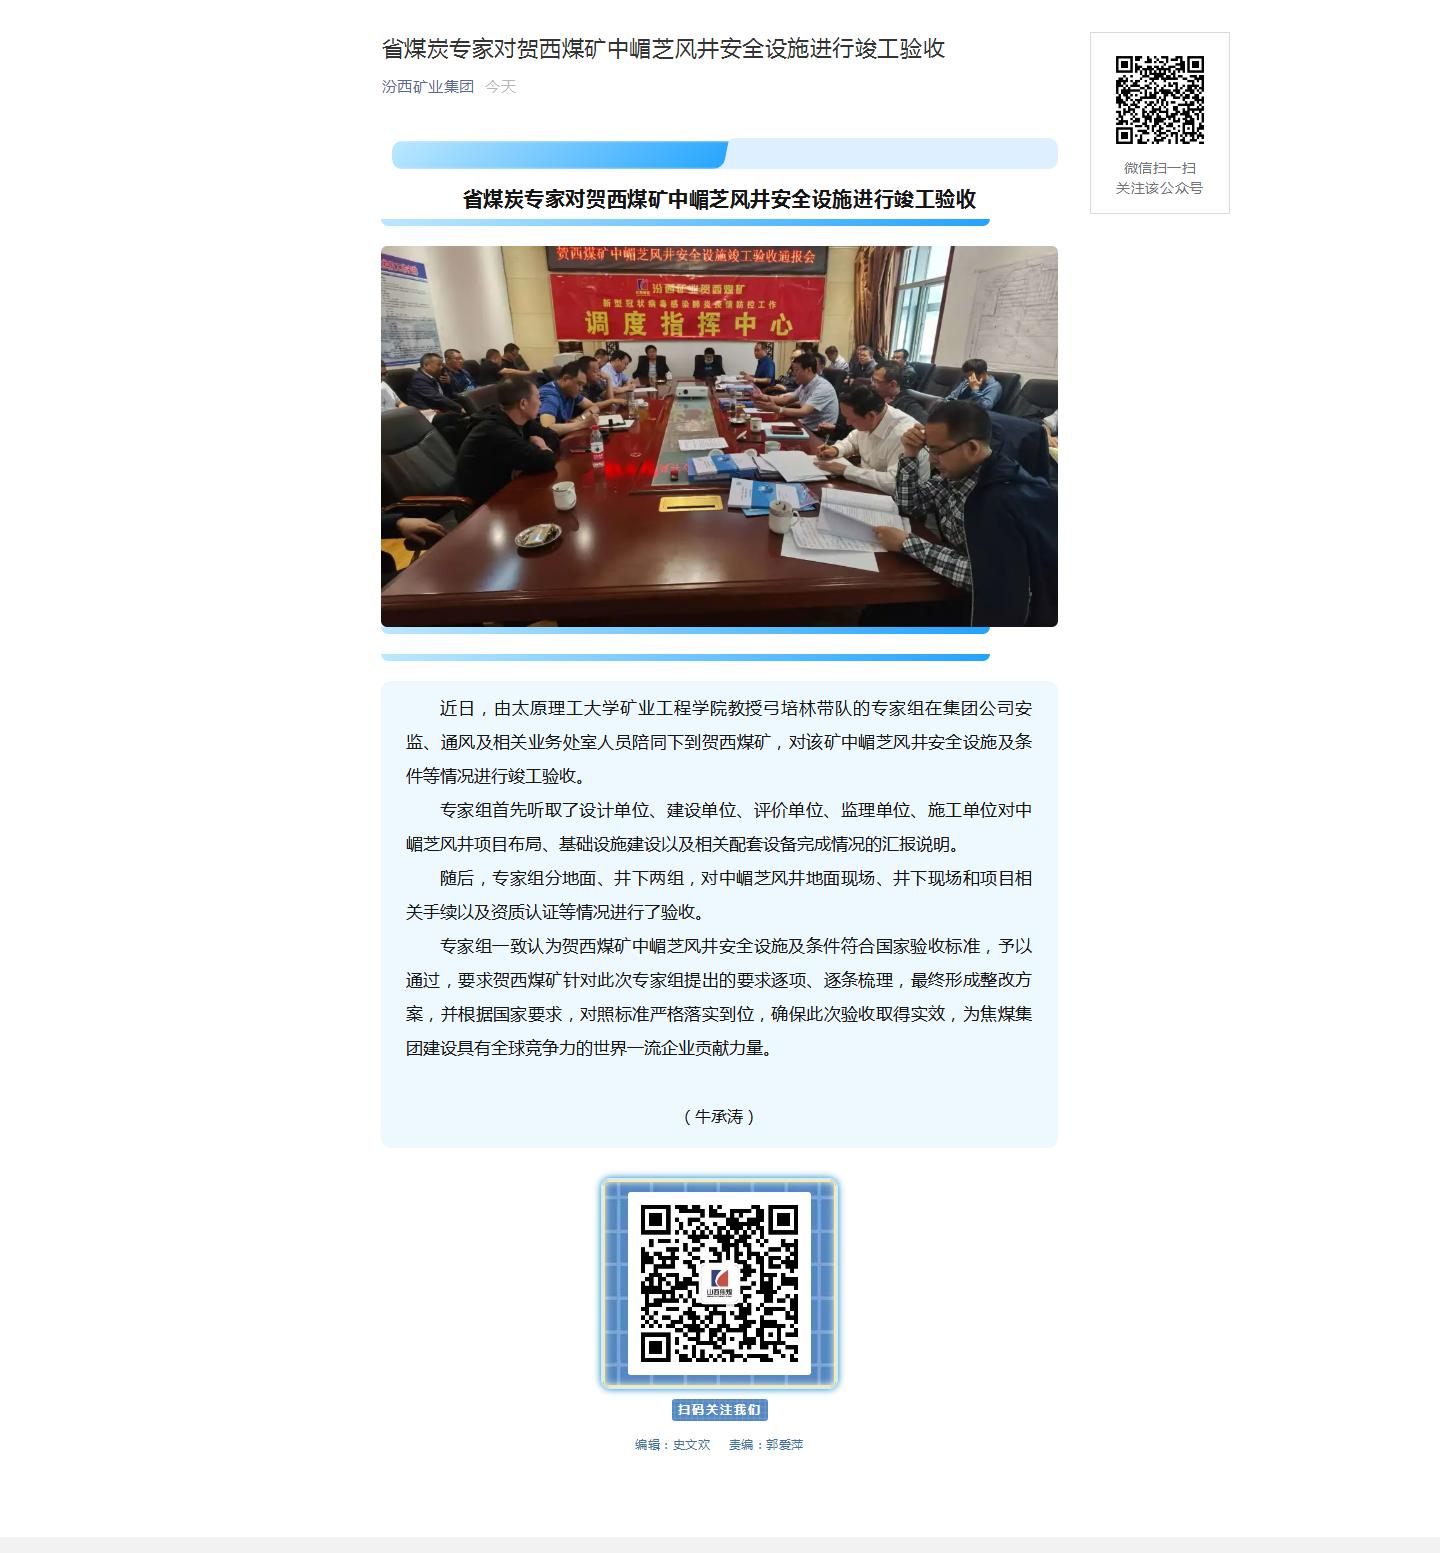 省煤炭专家对贺西煤矿中嵋芝风井安全设施进行竣工验收.png